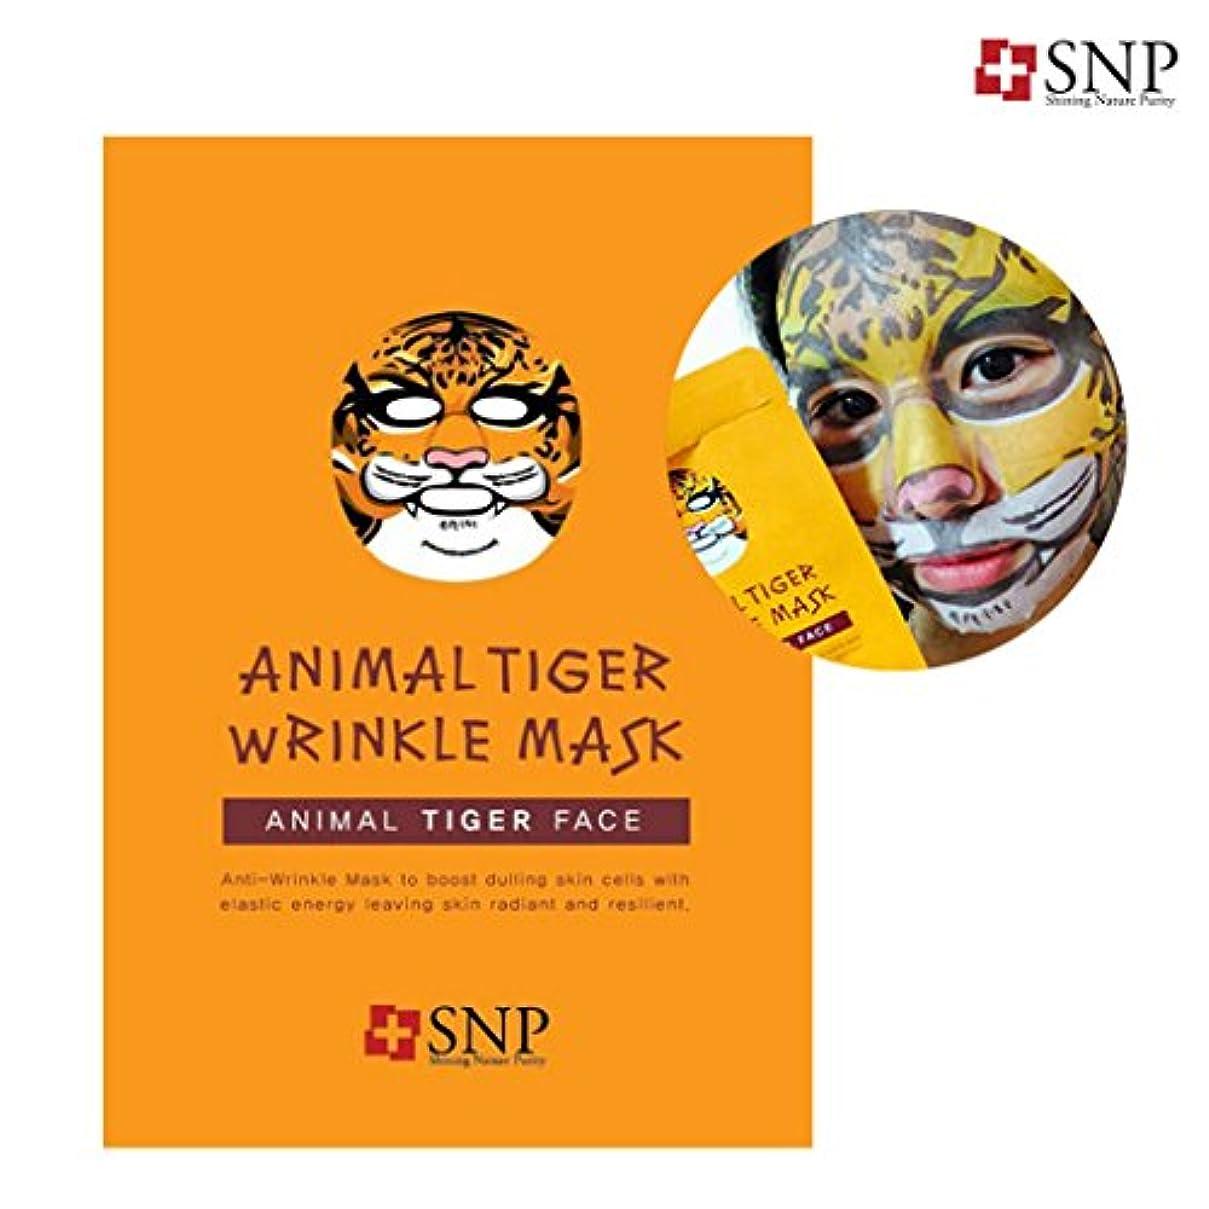 アラブサラボ政府無意味SNP アニマル タイガーリンクルマスク10枚 / animal tiger wrinkle mask 10ea[海外直送品]